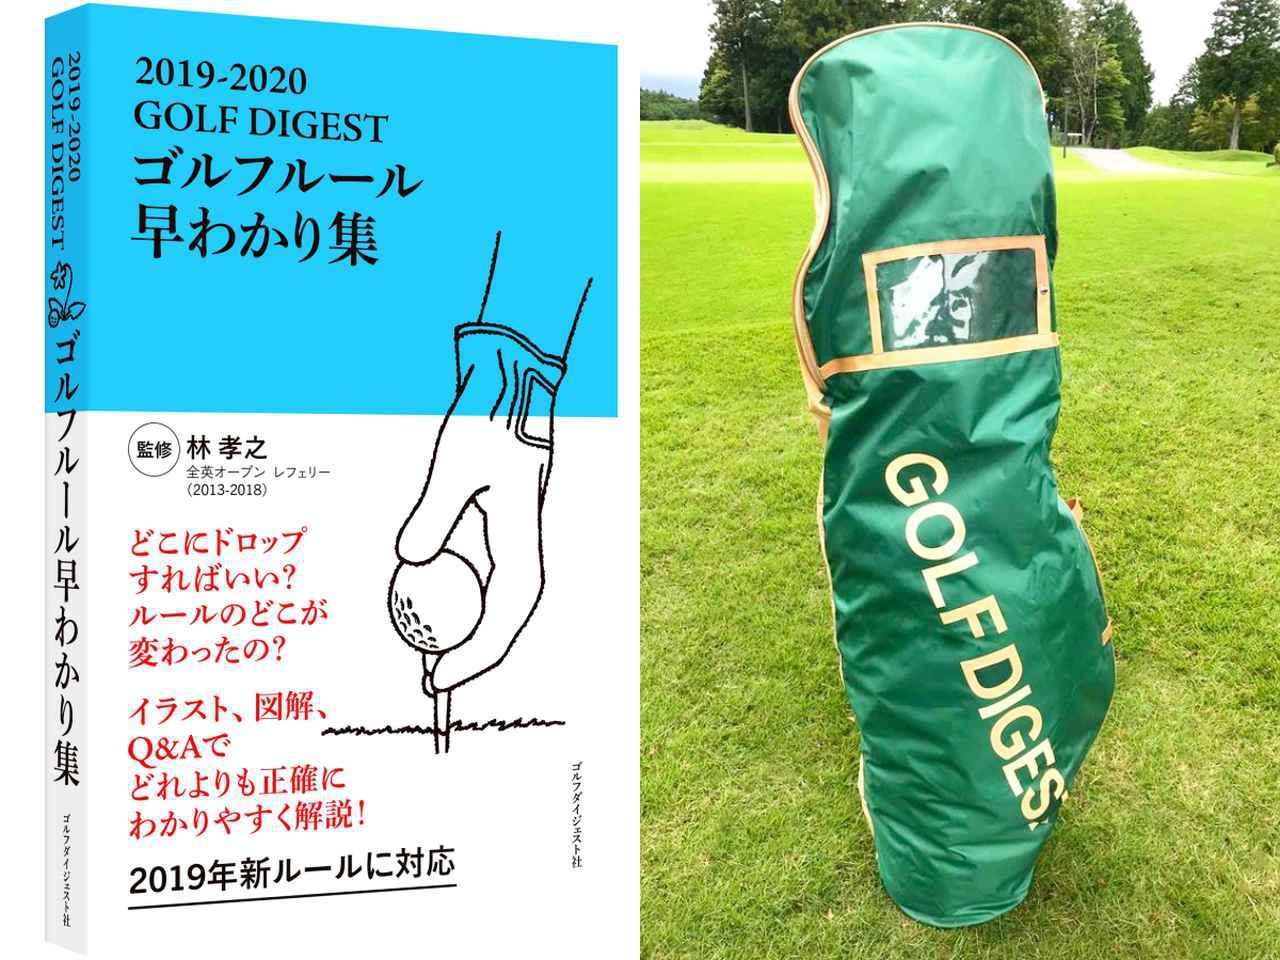 画像: ゴルフルール早わかり集とGD特製キャディバッグカバーを進呈